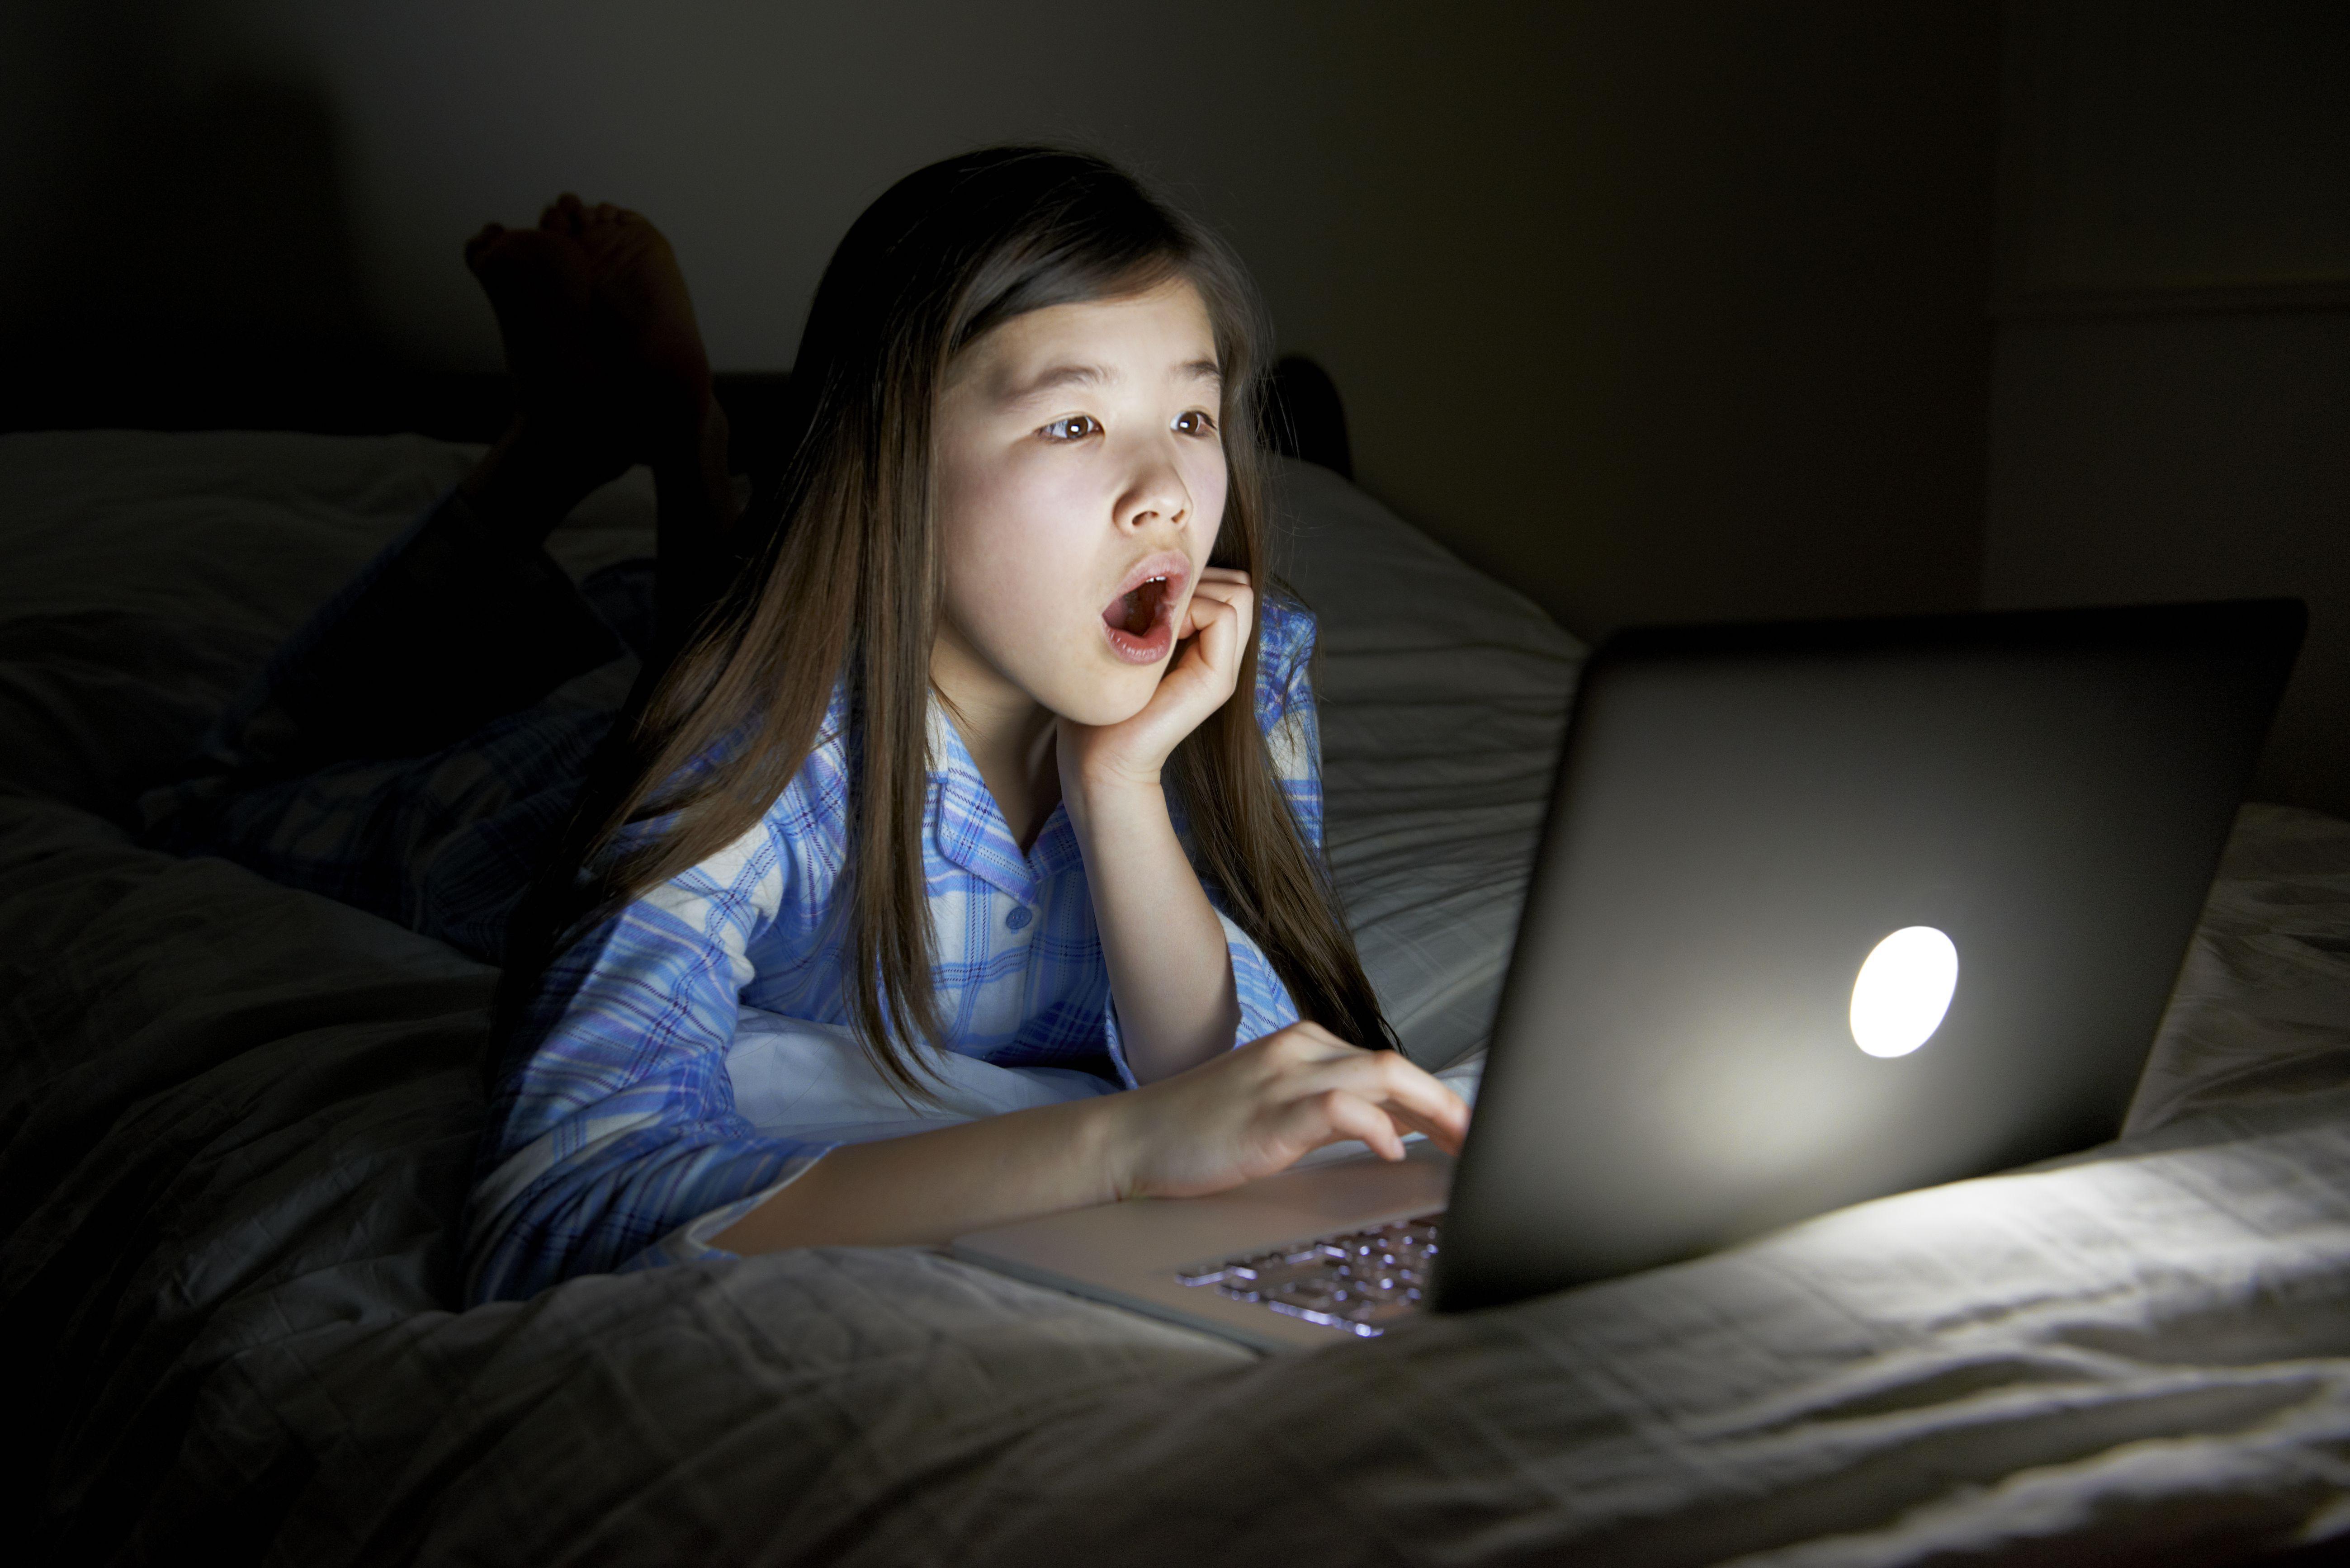 Child Porn Online – Telegraph